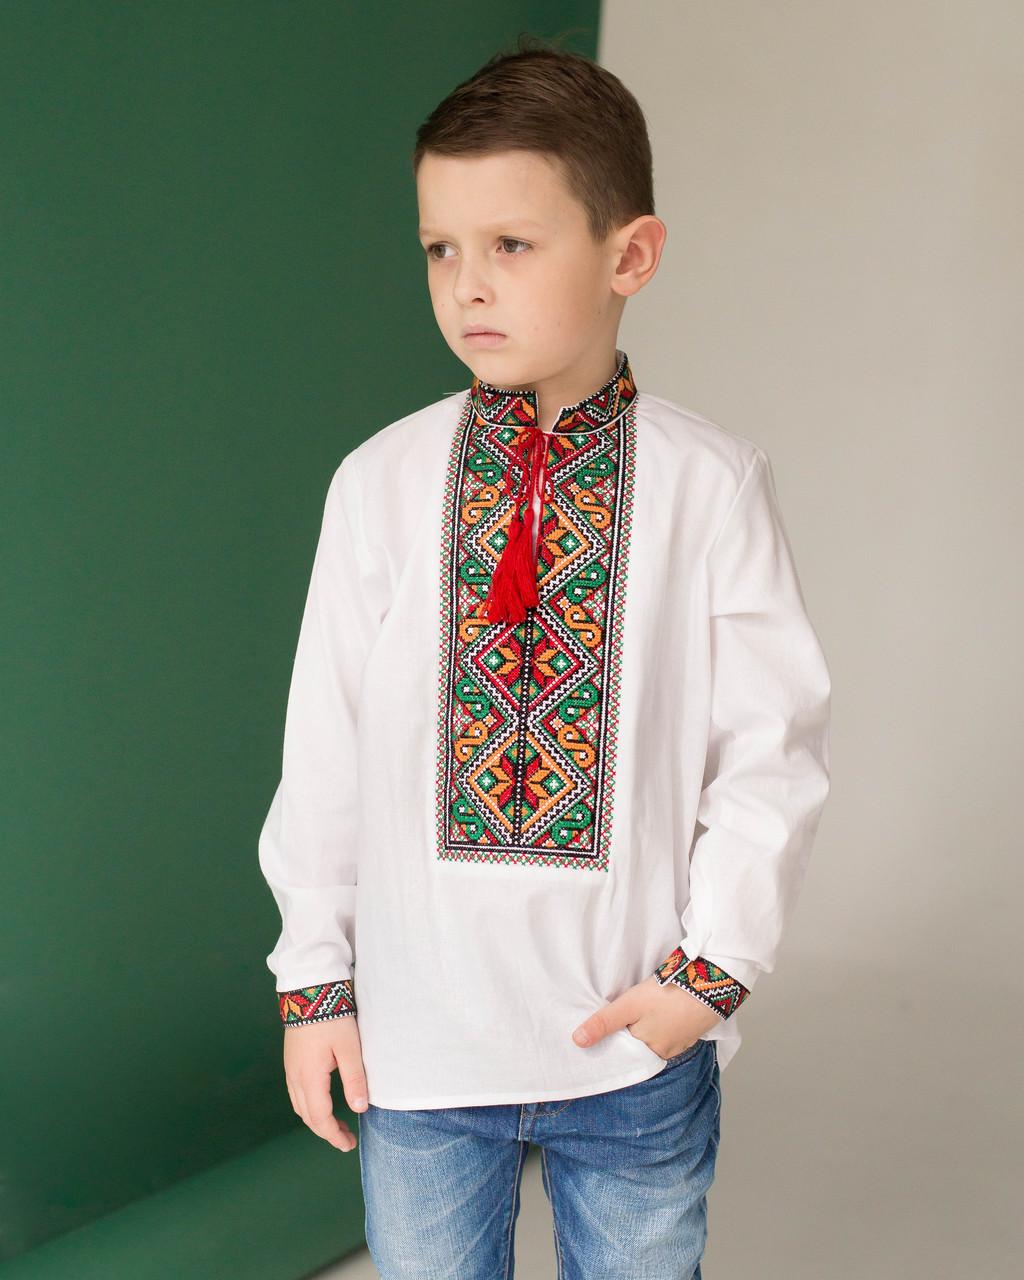 Вышитая рубашка для мальчишек